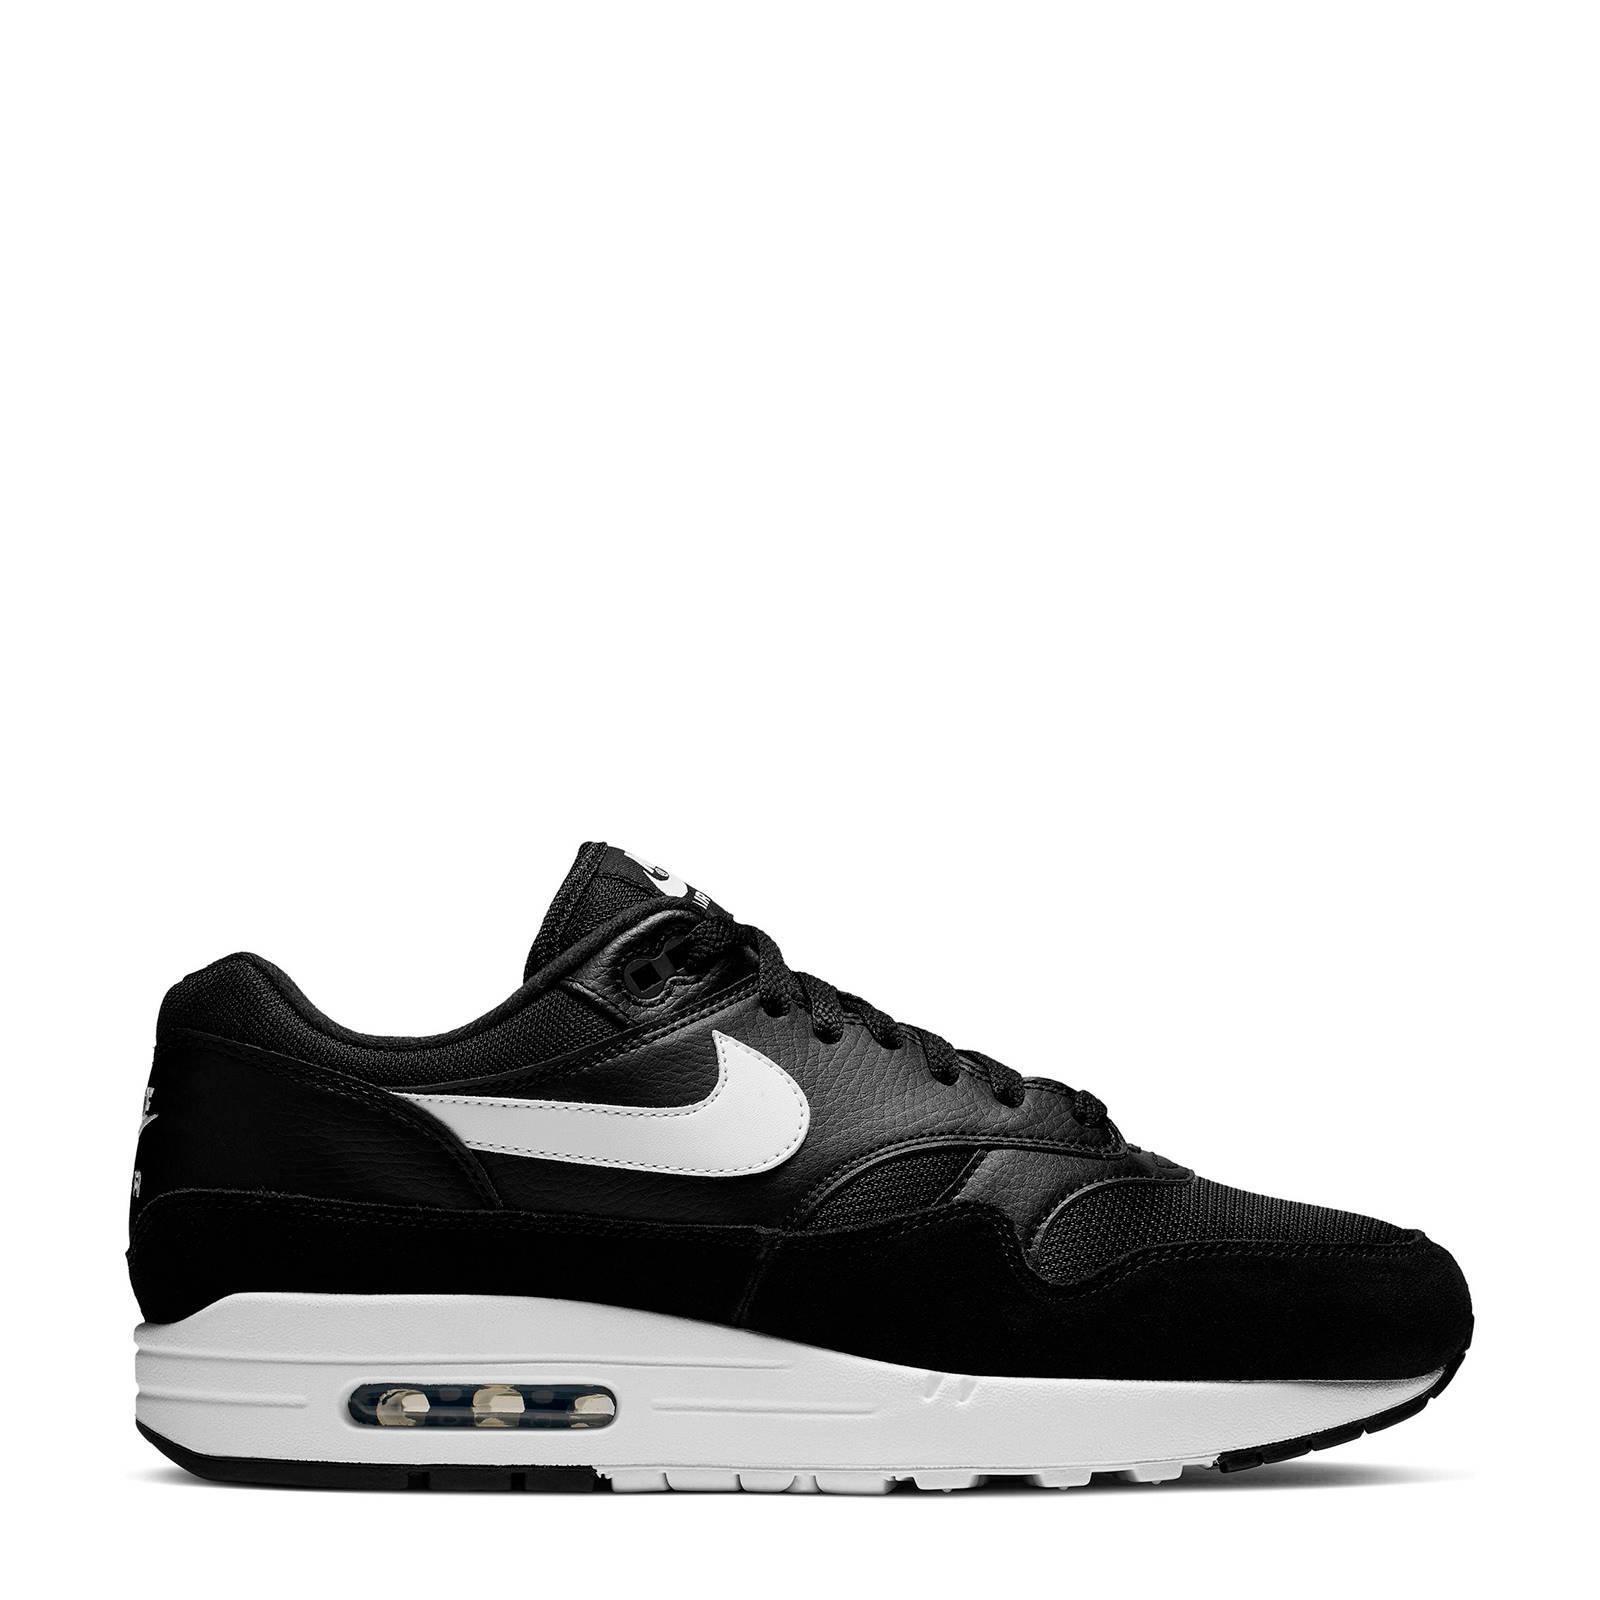 75555e45d6e Nike Men bij wehkamp - Gratis bezorging vanaf 20.-